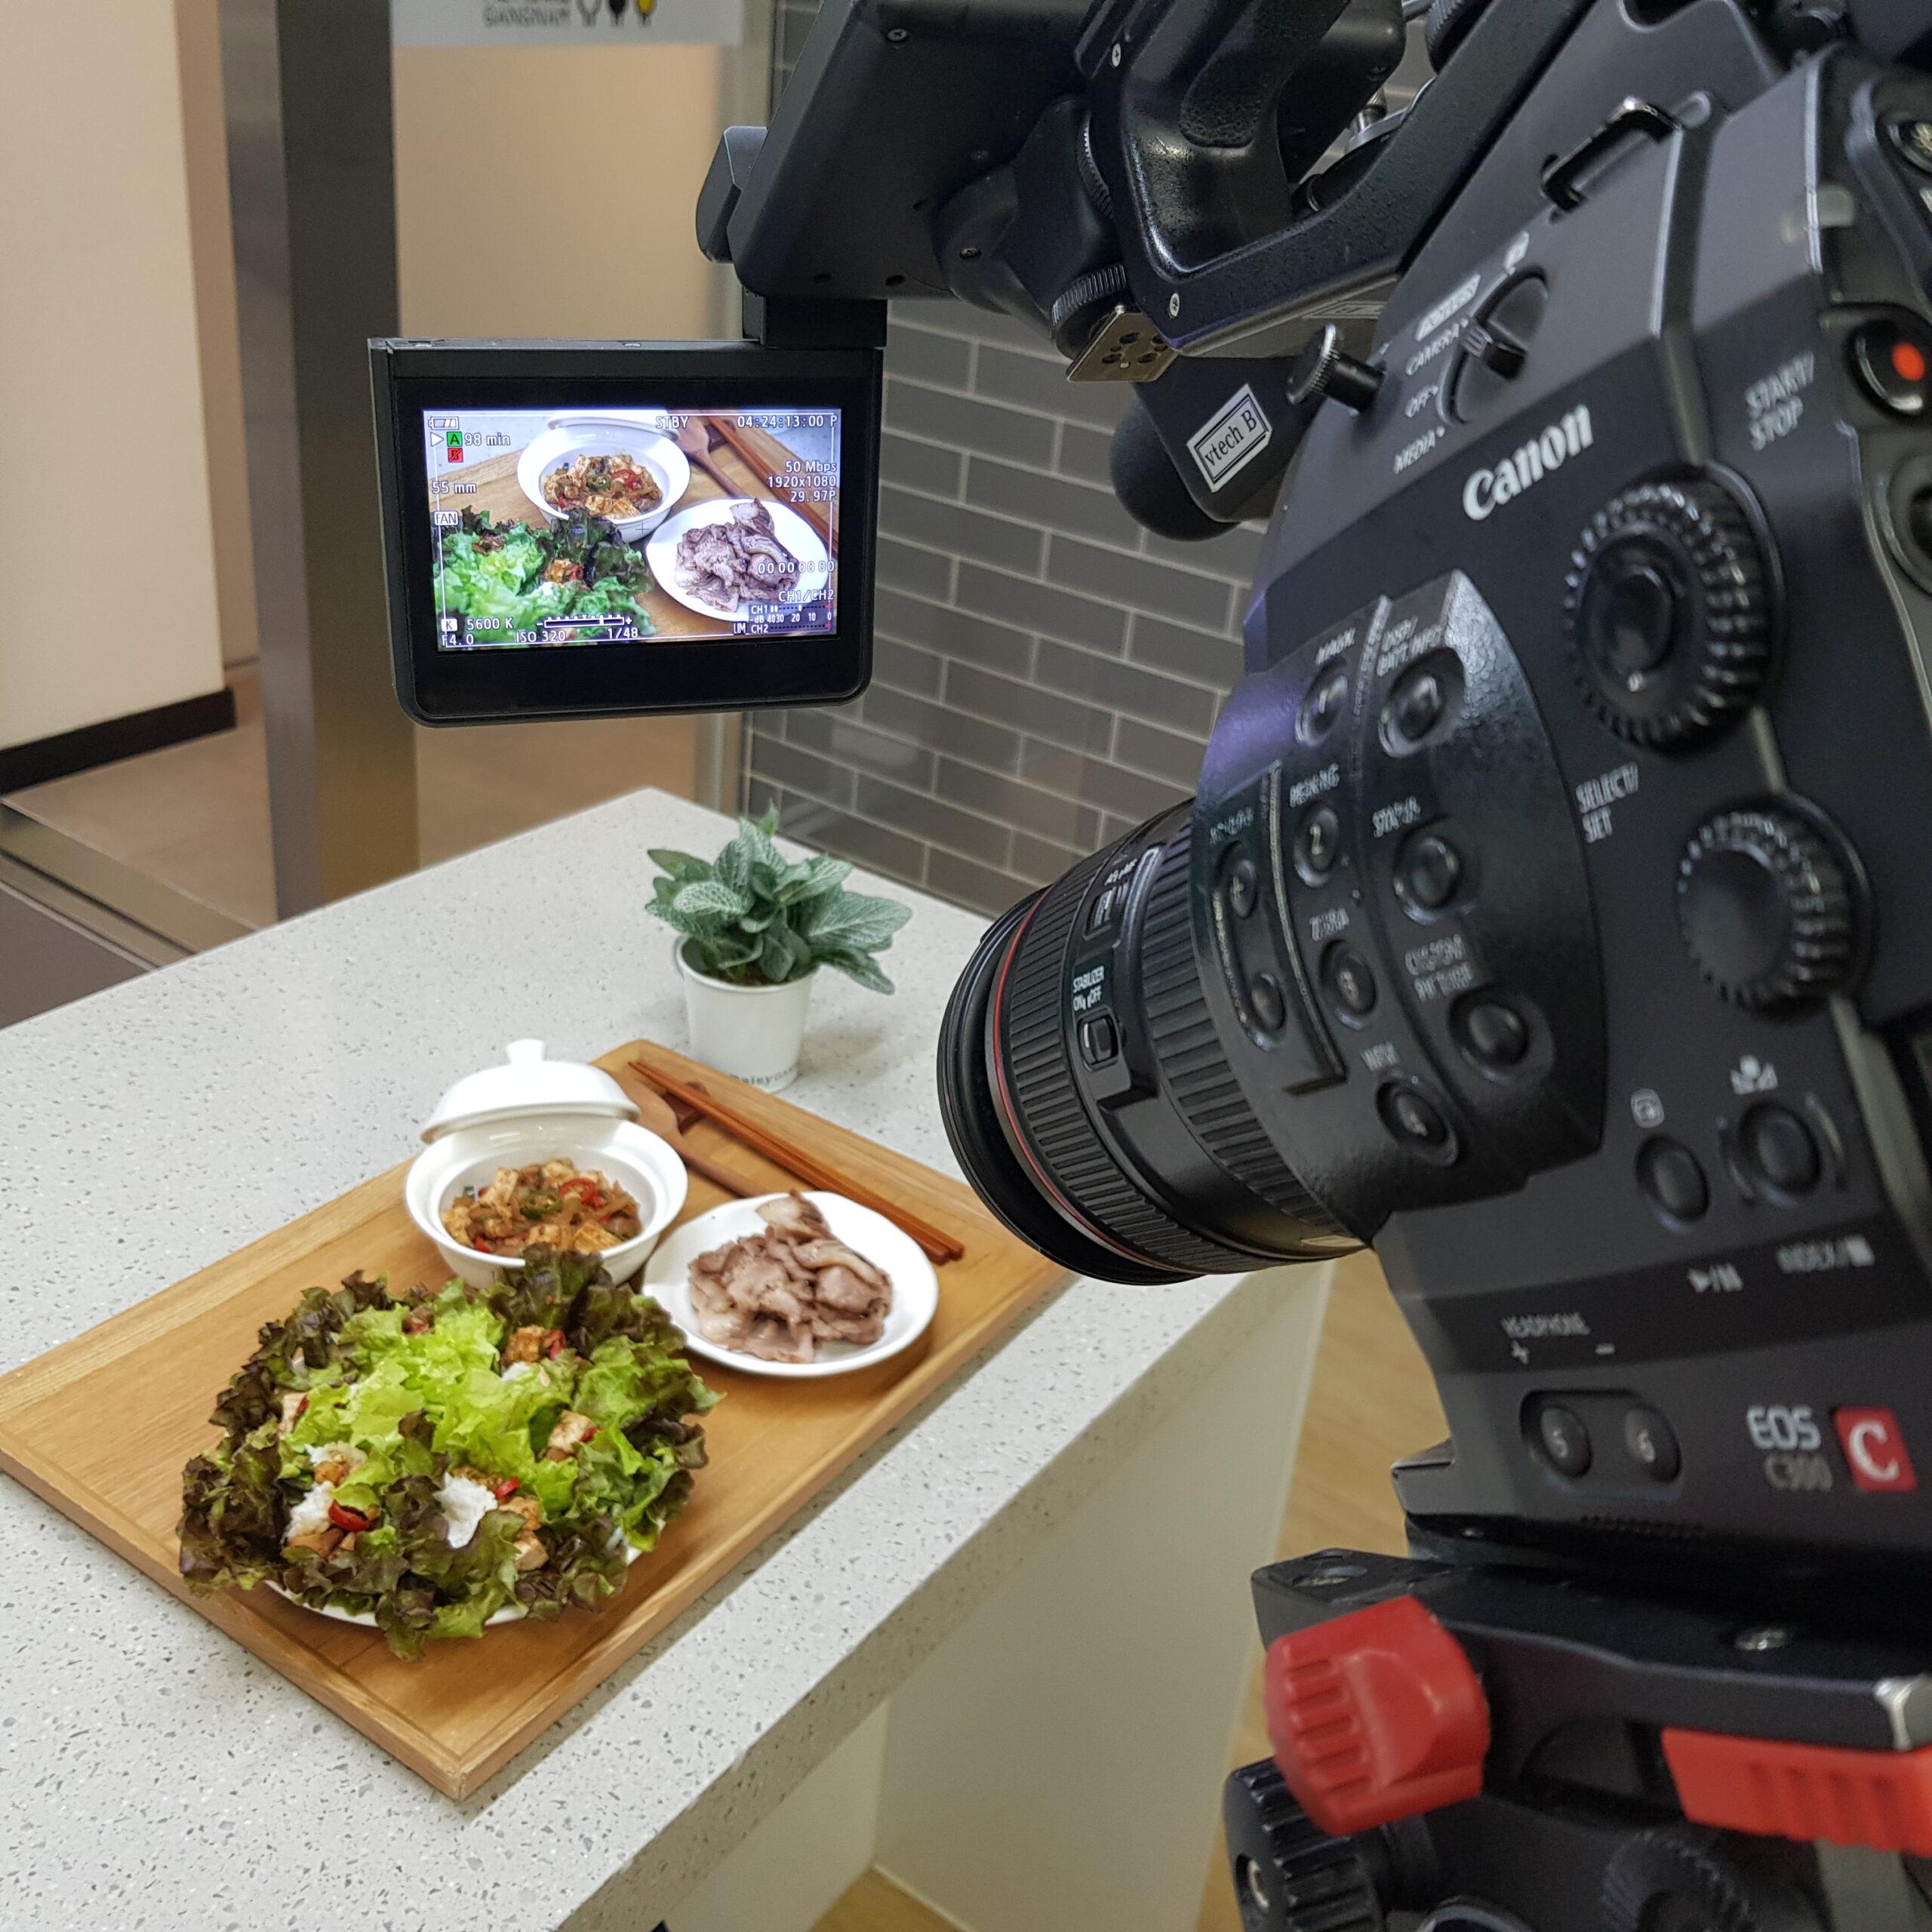 [1인가구 자기돌봄] 소셜다이닝 <혼자서도 잘 먹어요> 9월 발효밥상 실습 교육 1